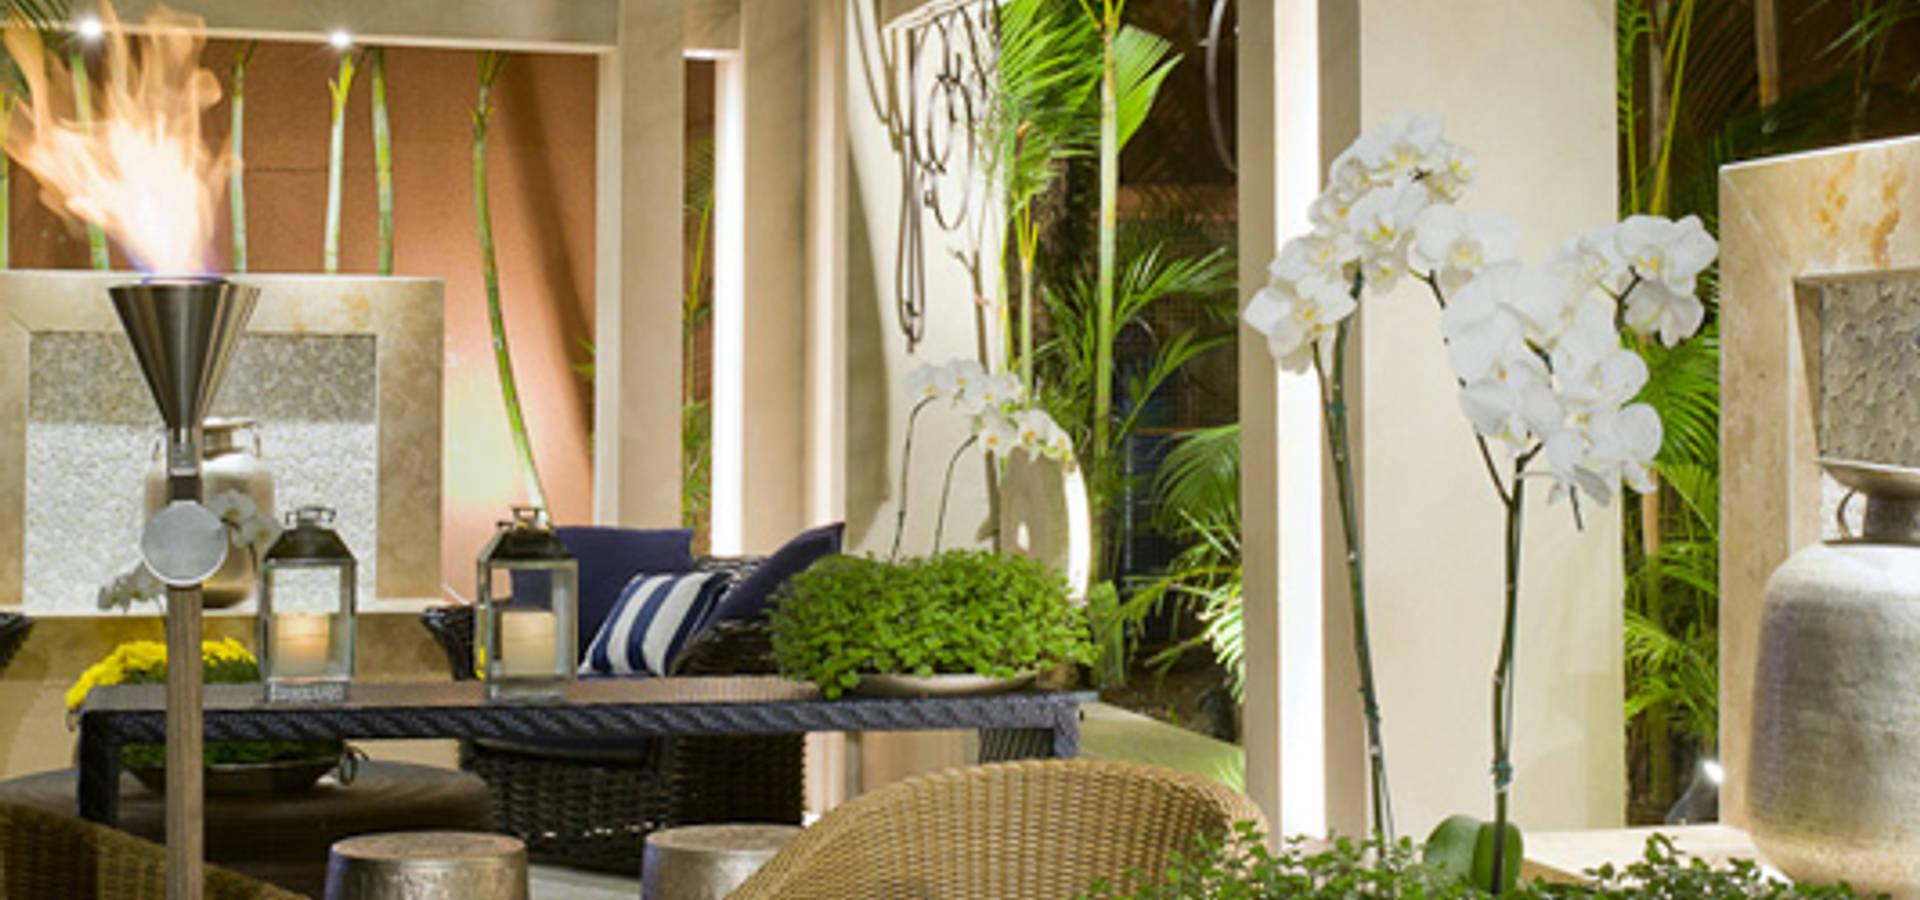 Interart Design de Interiores